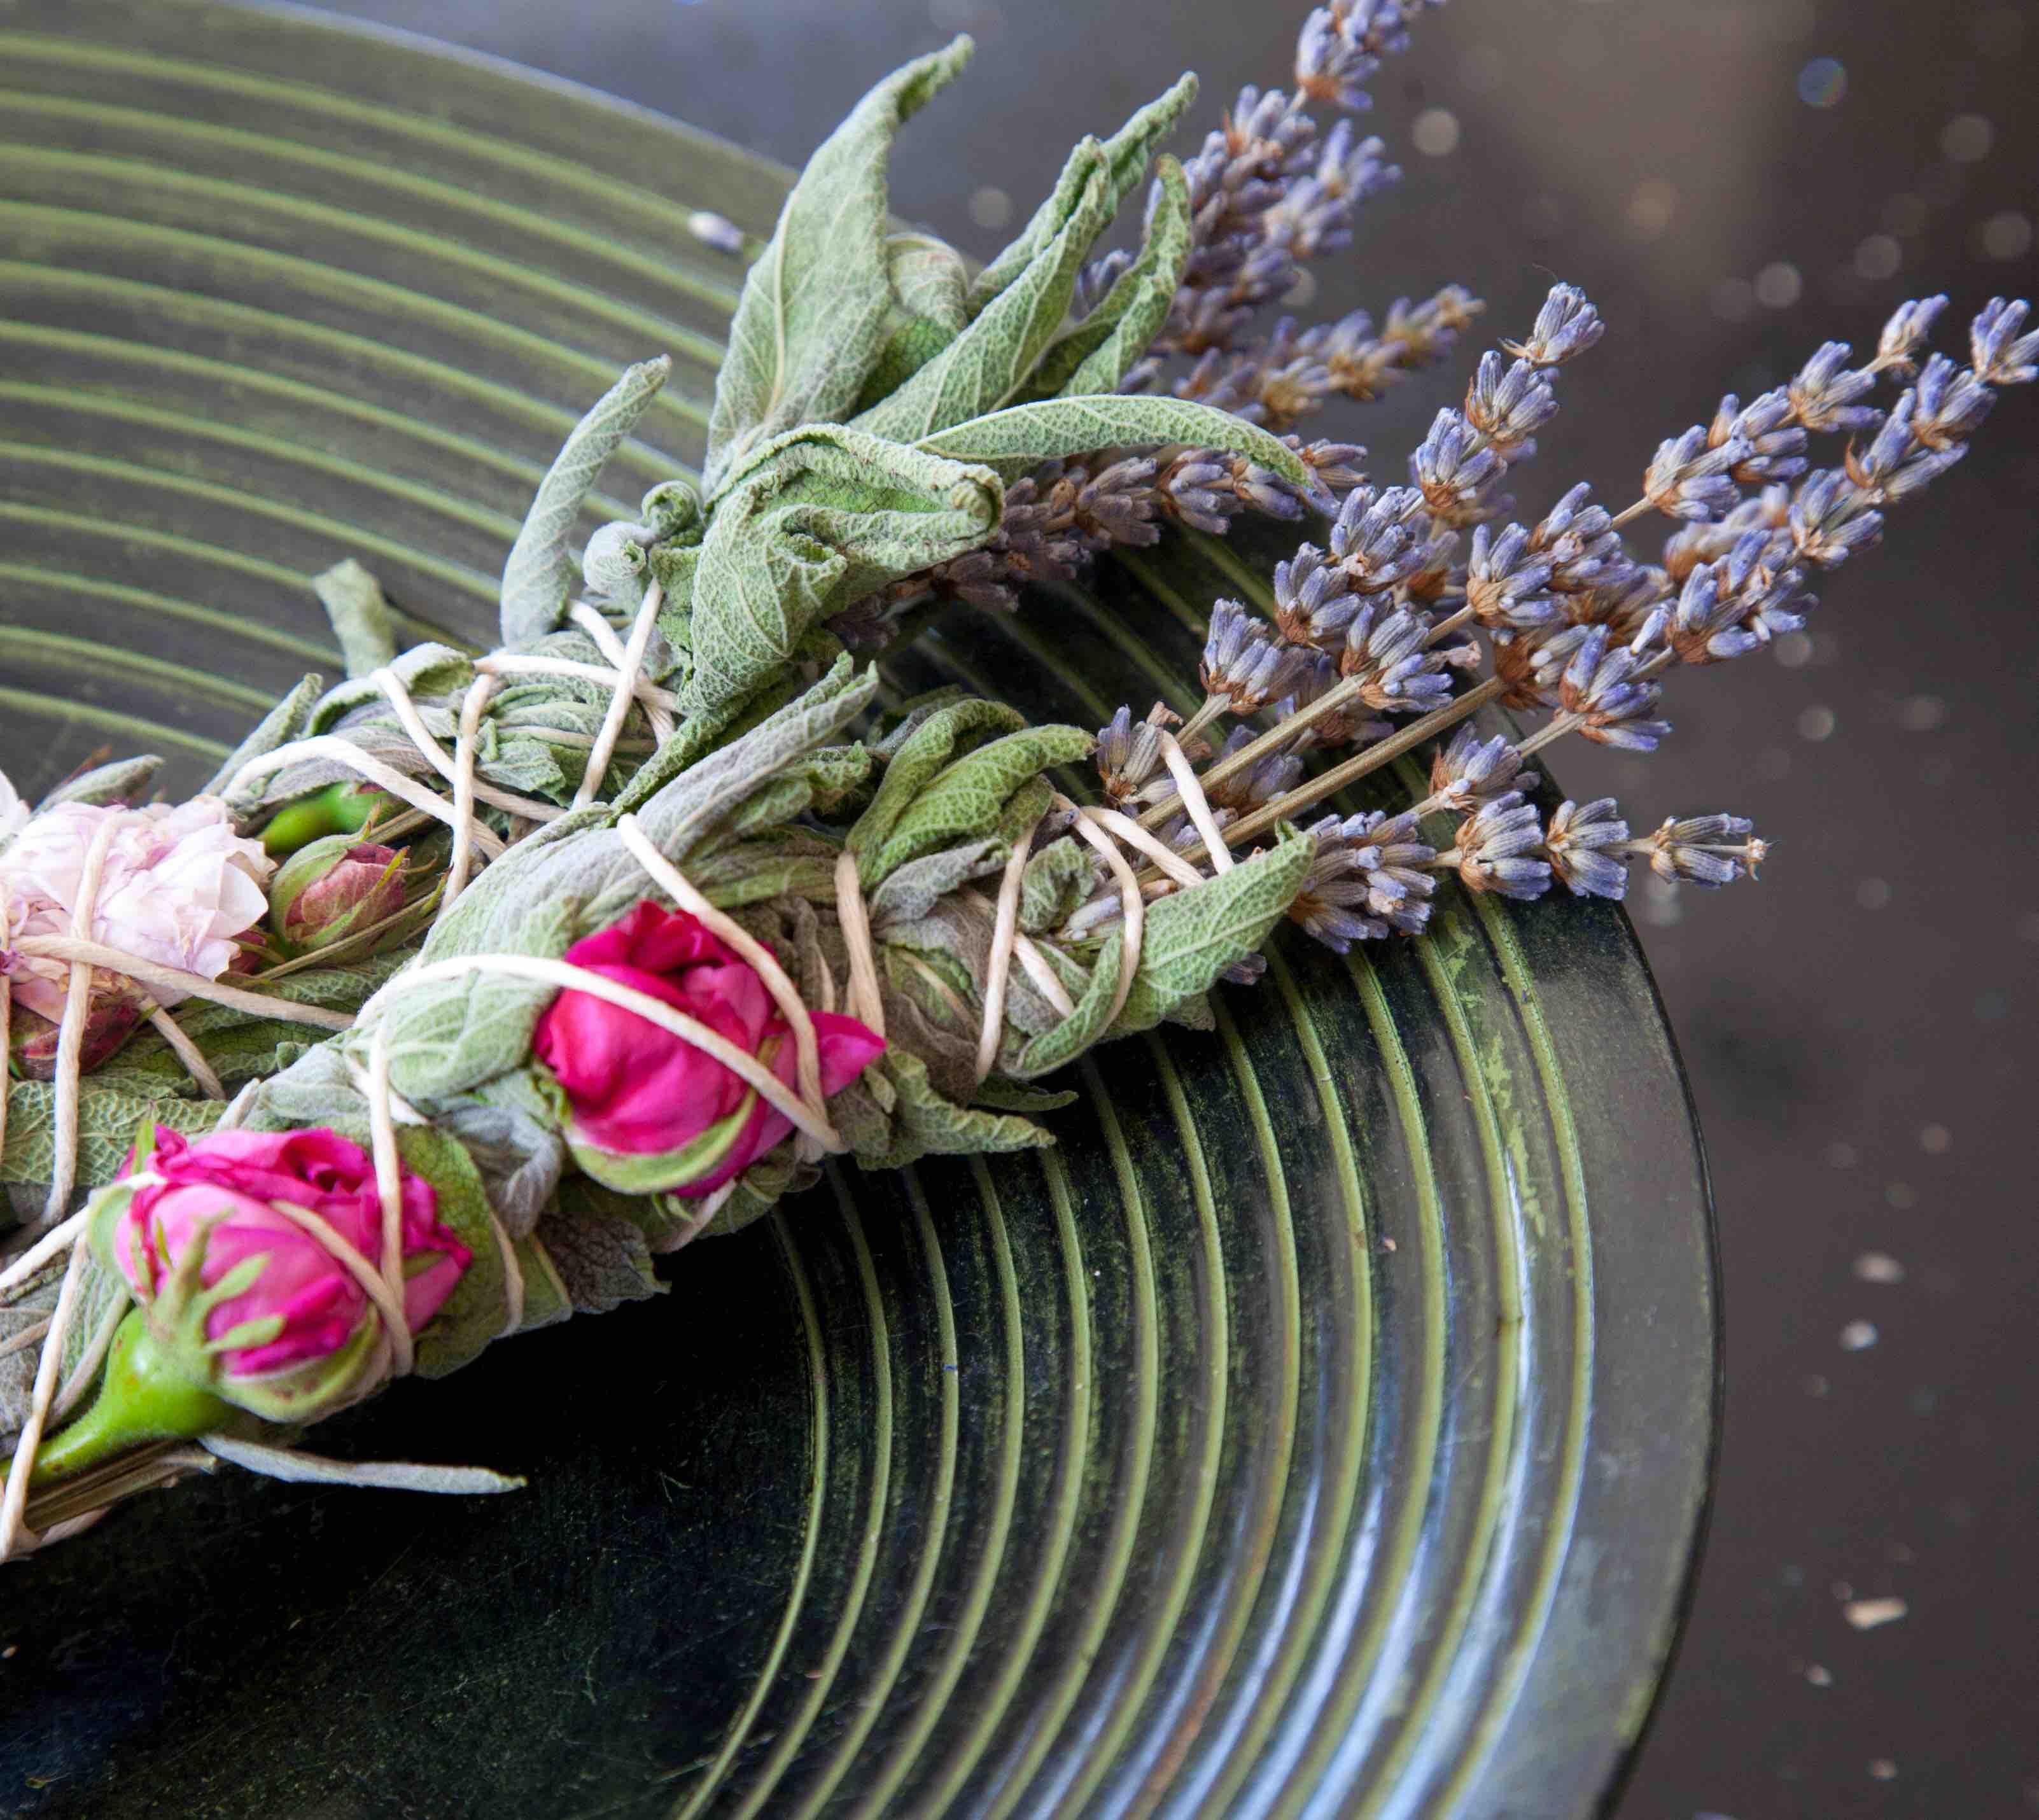 pęczek związanych roślin, kwiaty